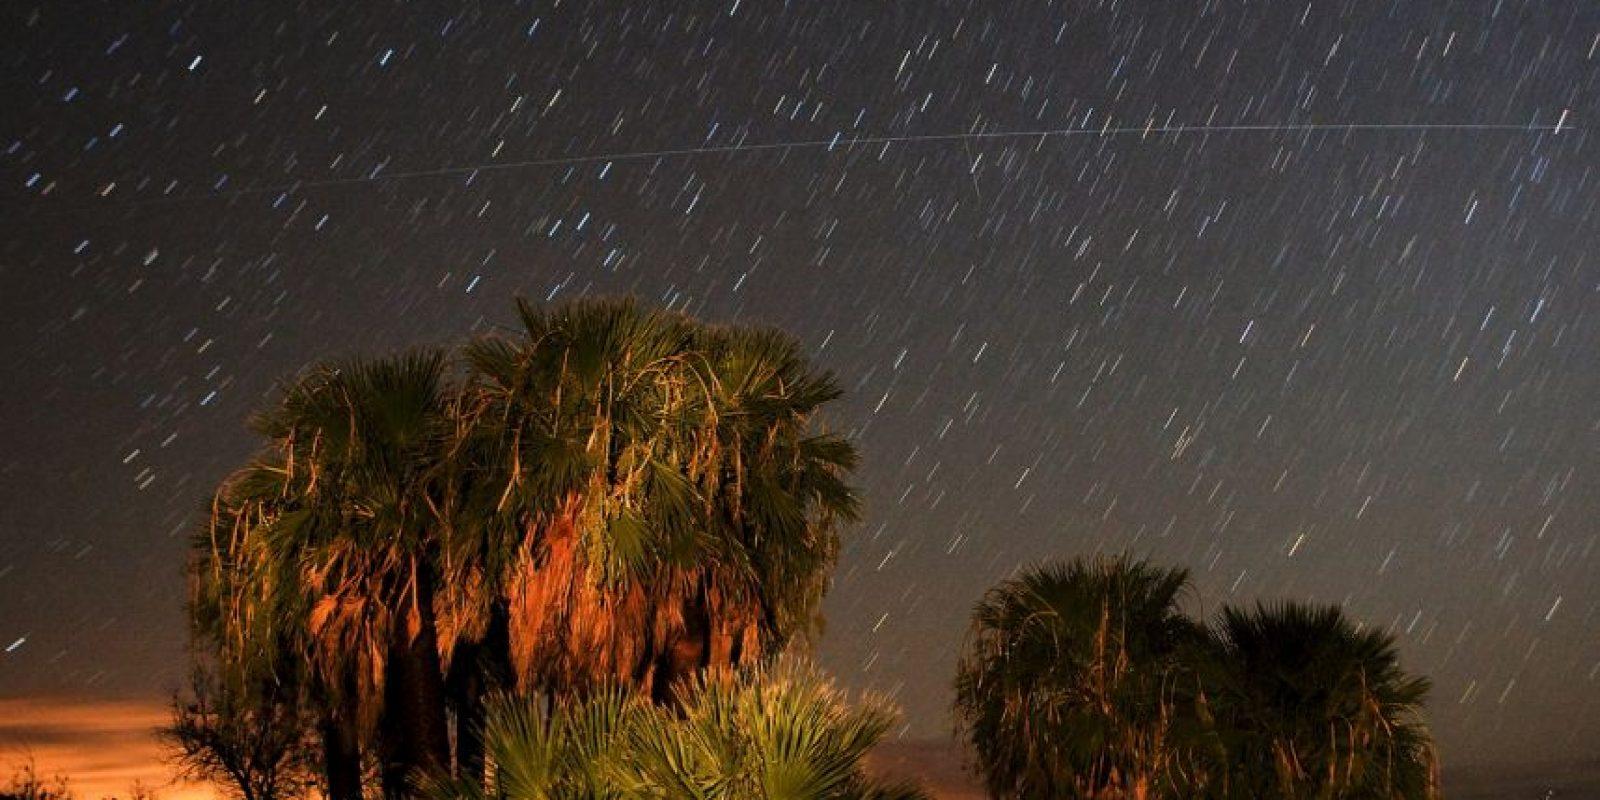 Así se ve una lluvia de estrellas desde la Tierra. Foto:Getty Images